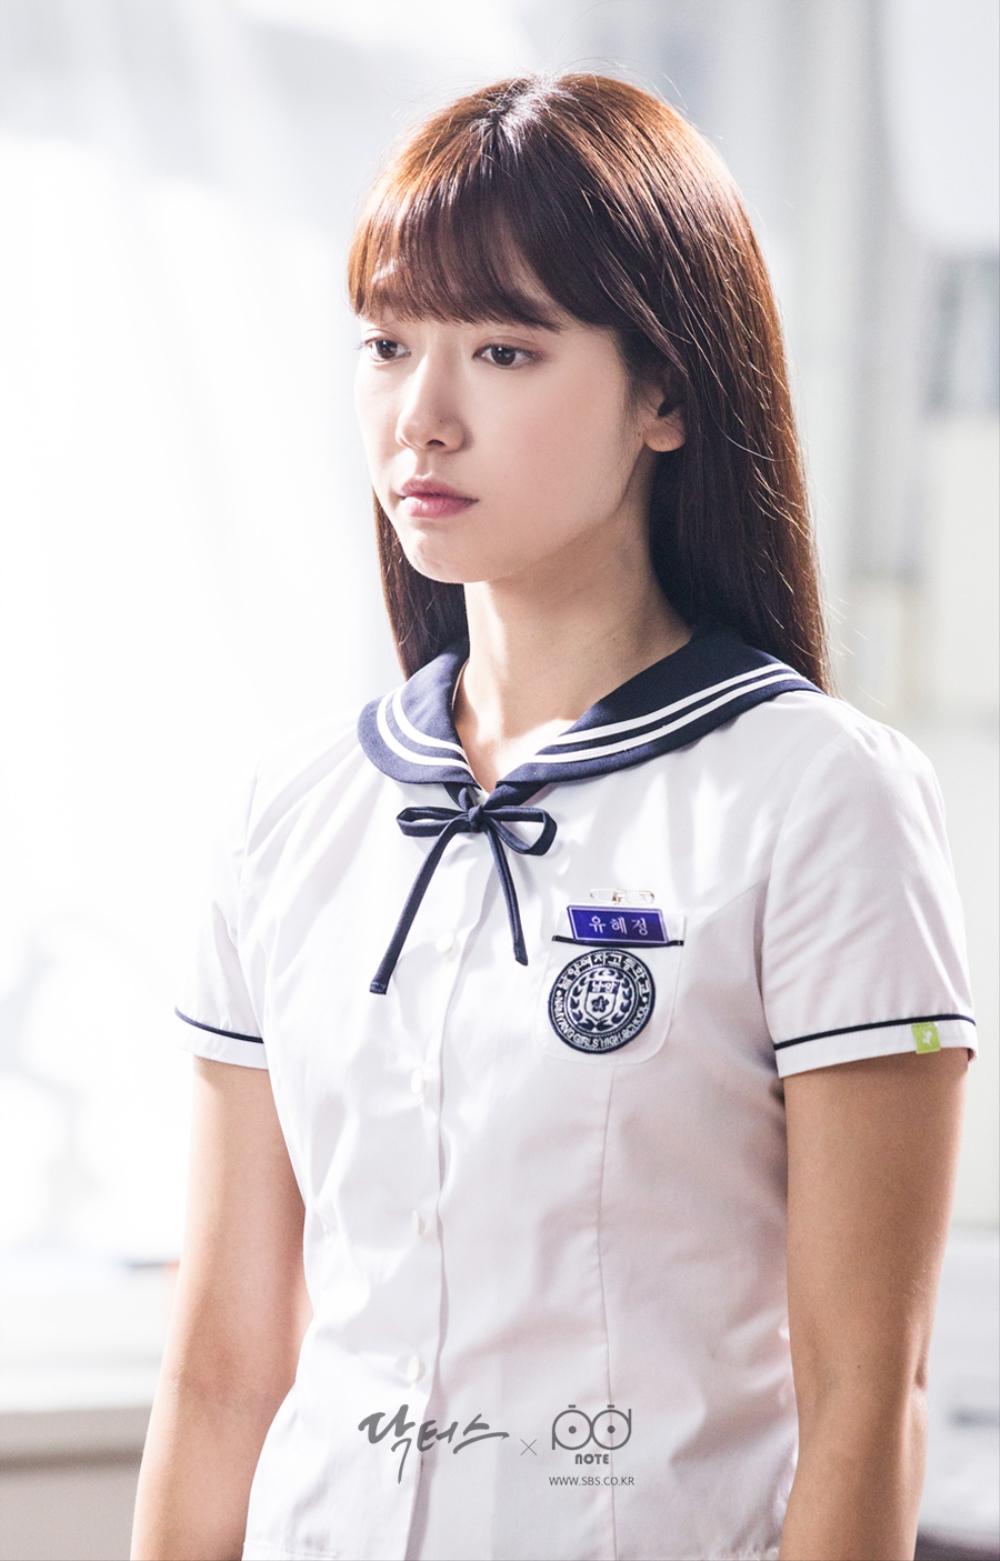 닥터스 포토스케치 과학실에서 예쁘게 서 있는 박신혜